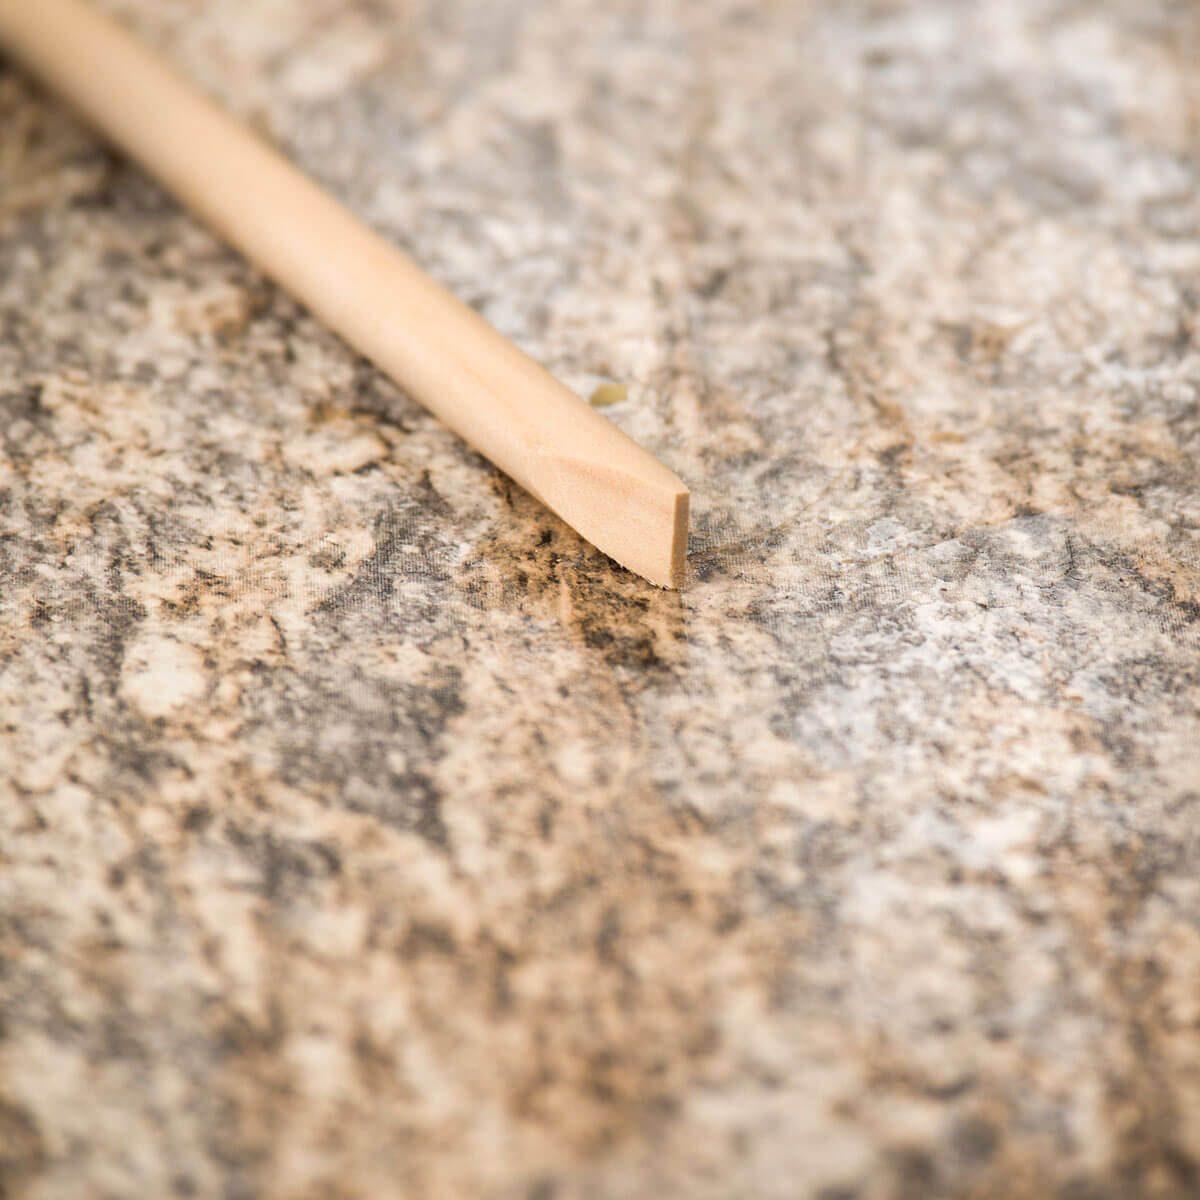 HH Sanded down dowel tip